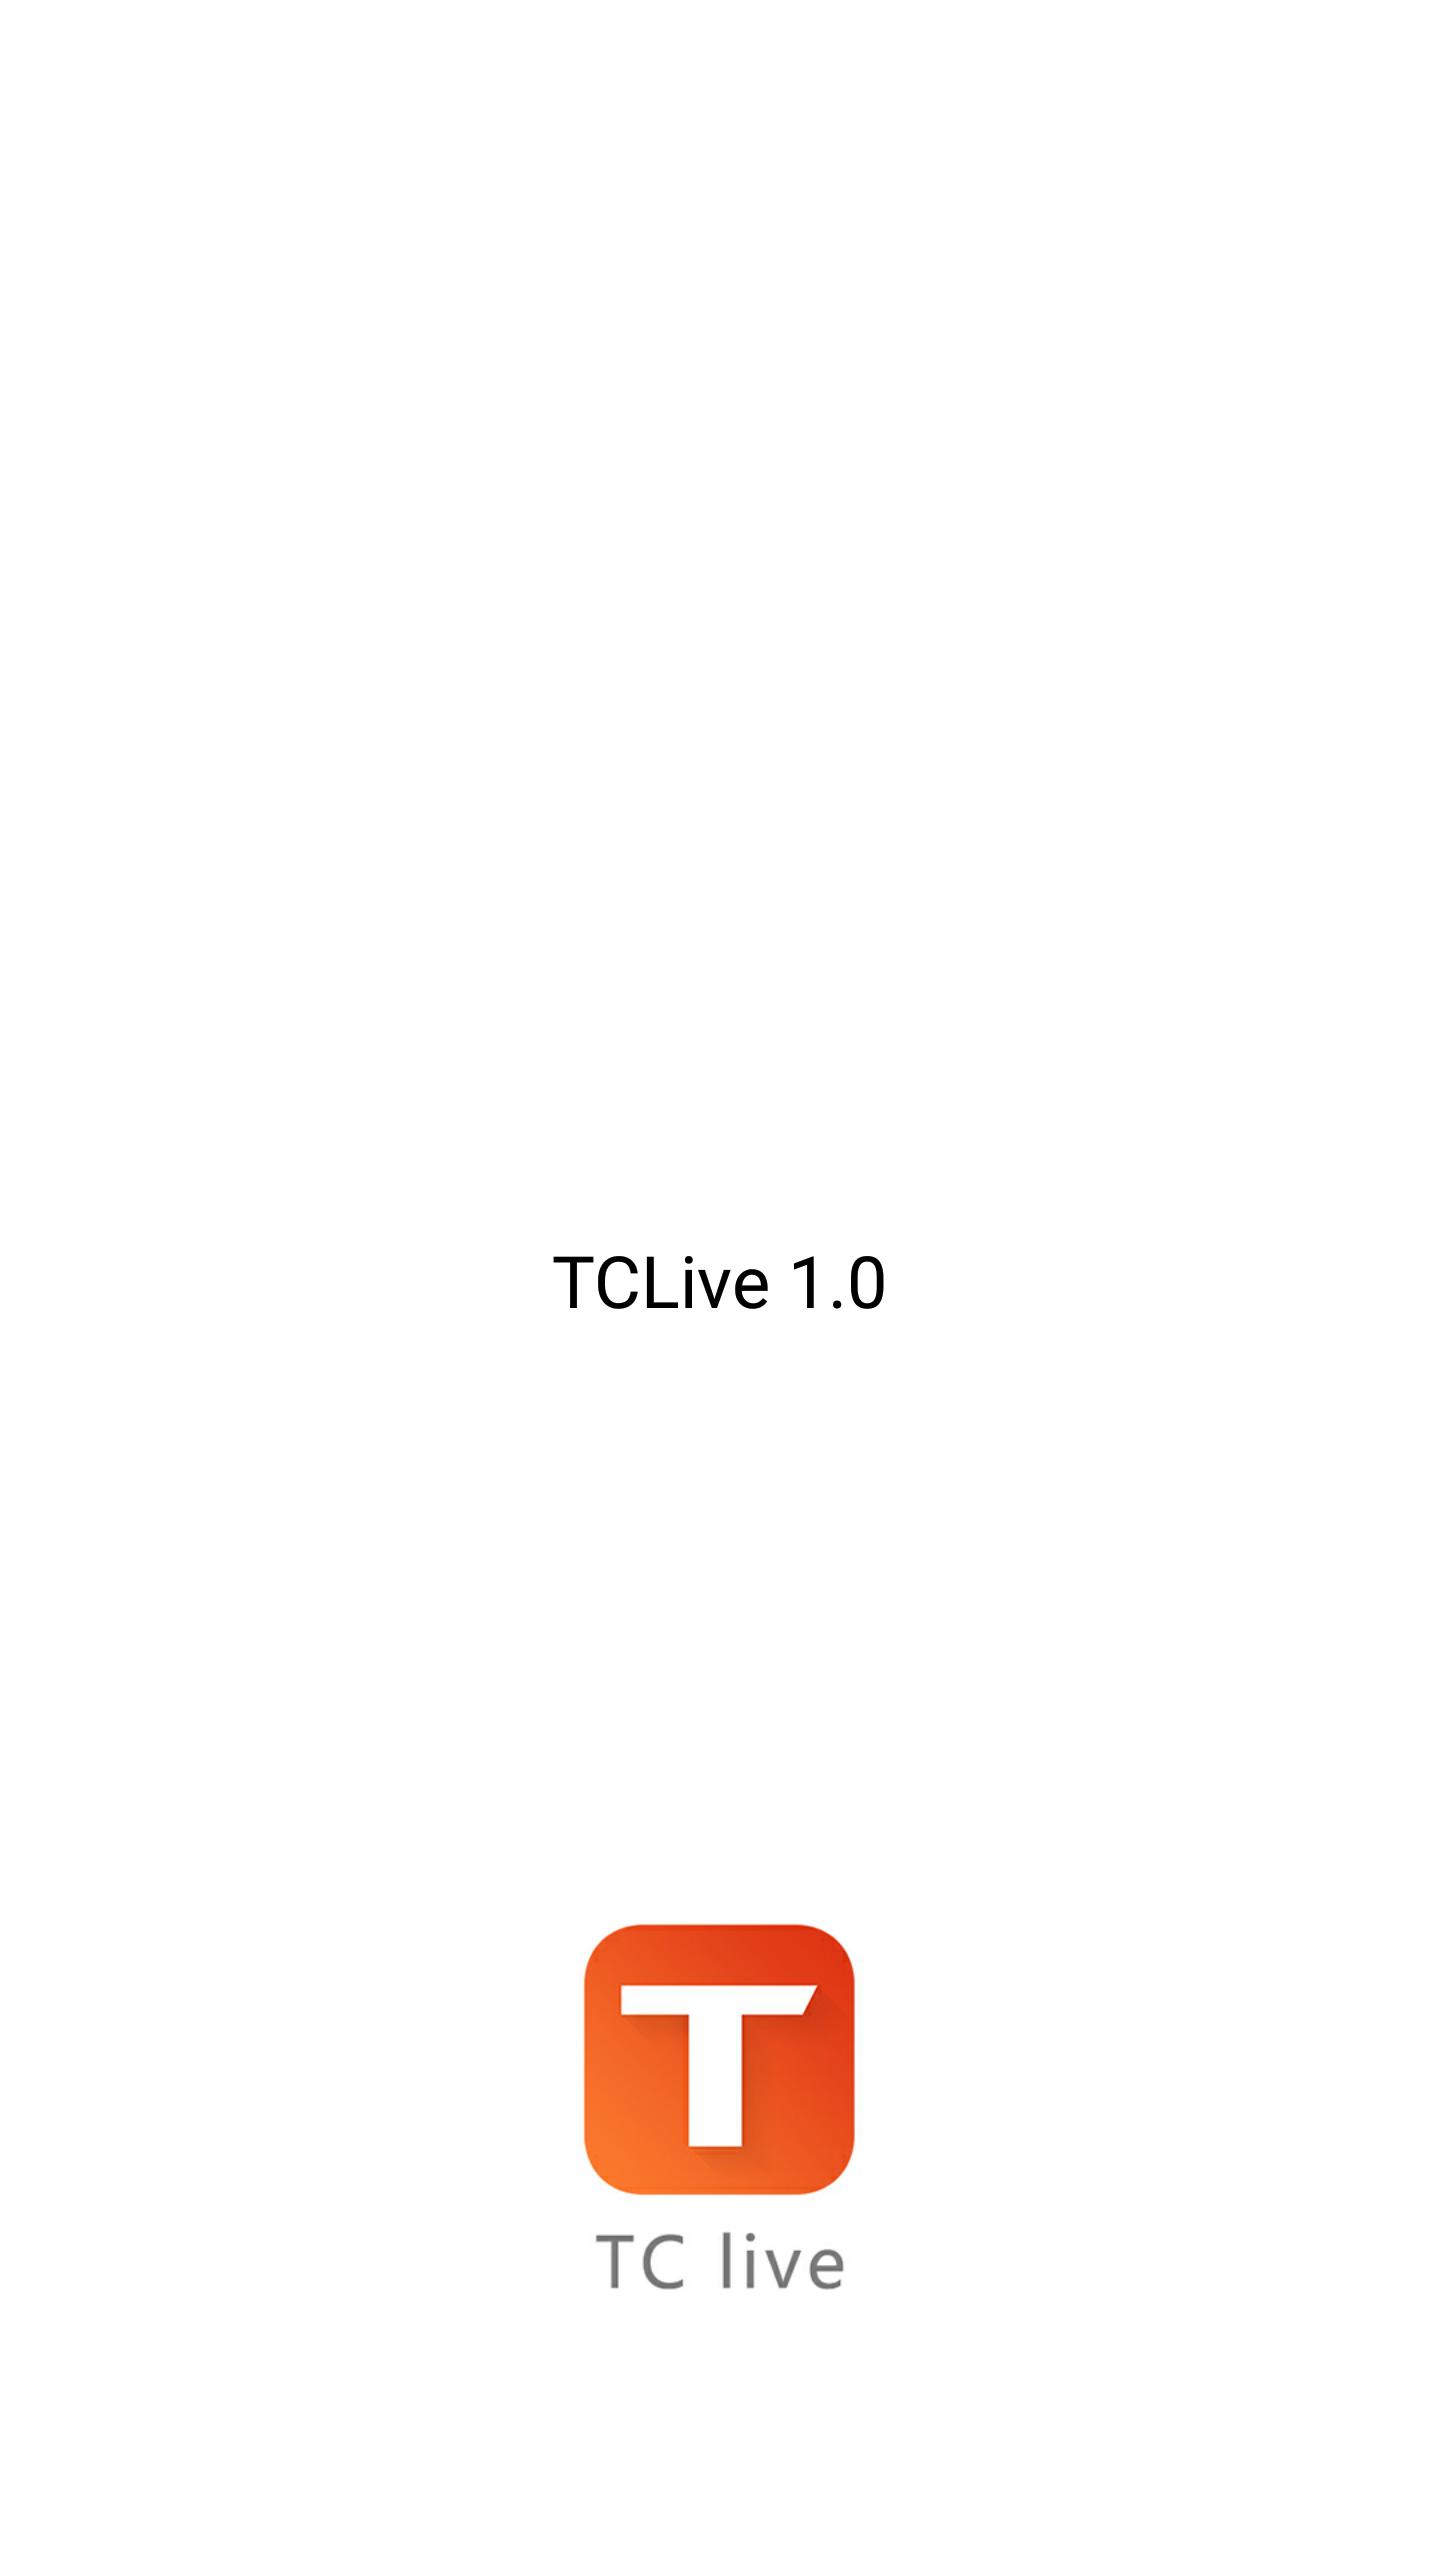 TCLive